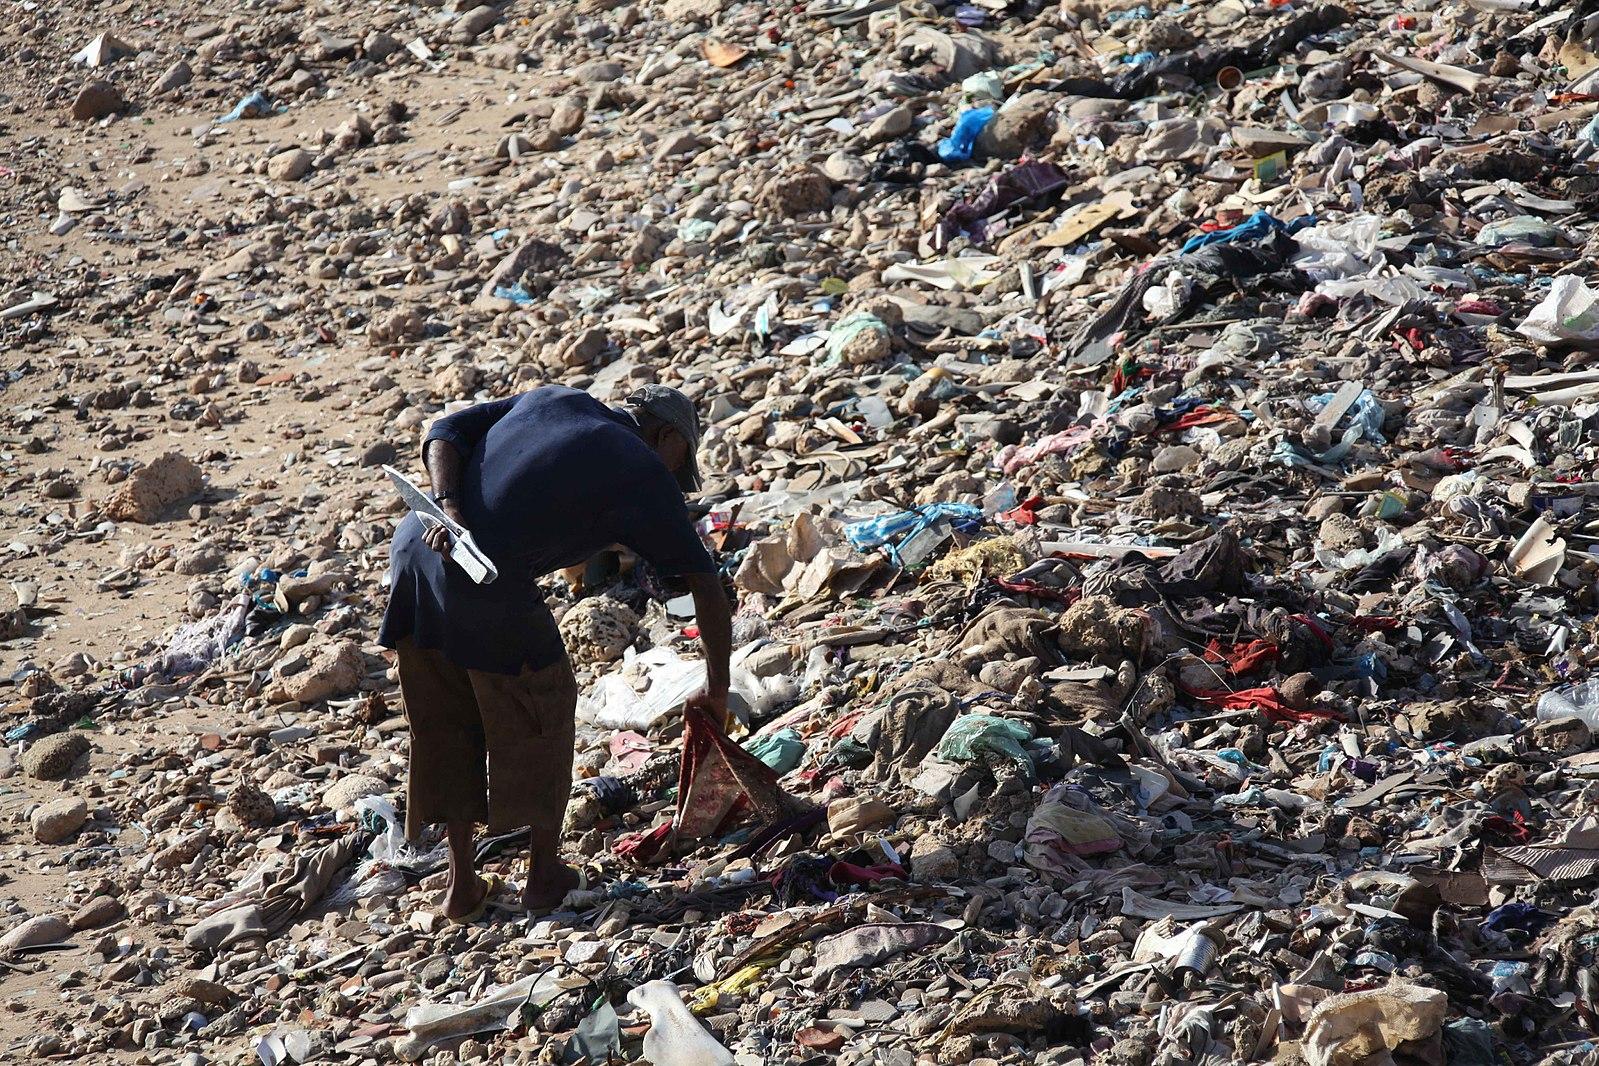 Le trafic de déchets toxiques en Somalie : sur les traces d'une catastrophe humaine et environnementale silencieuse (I)